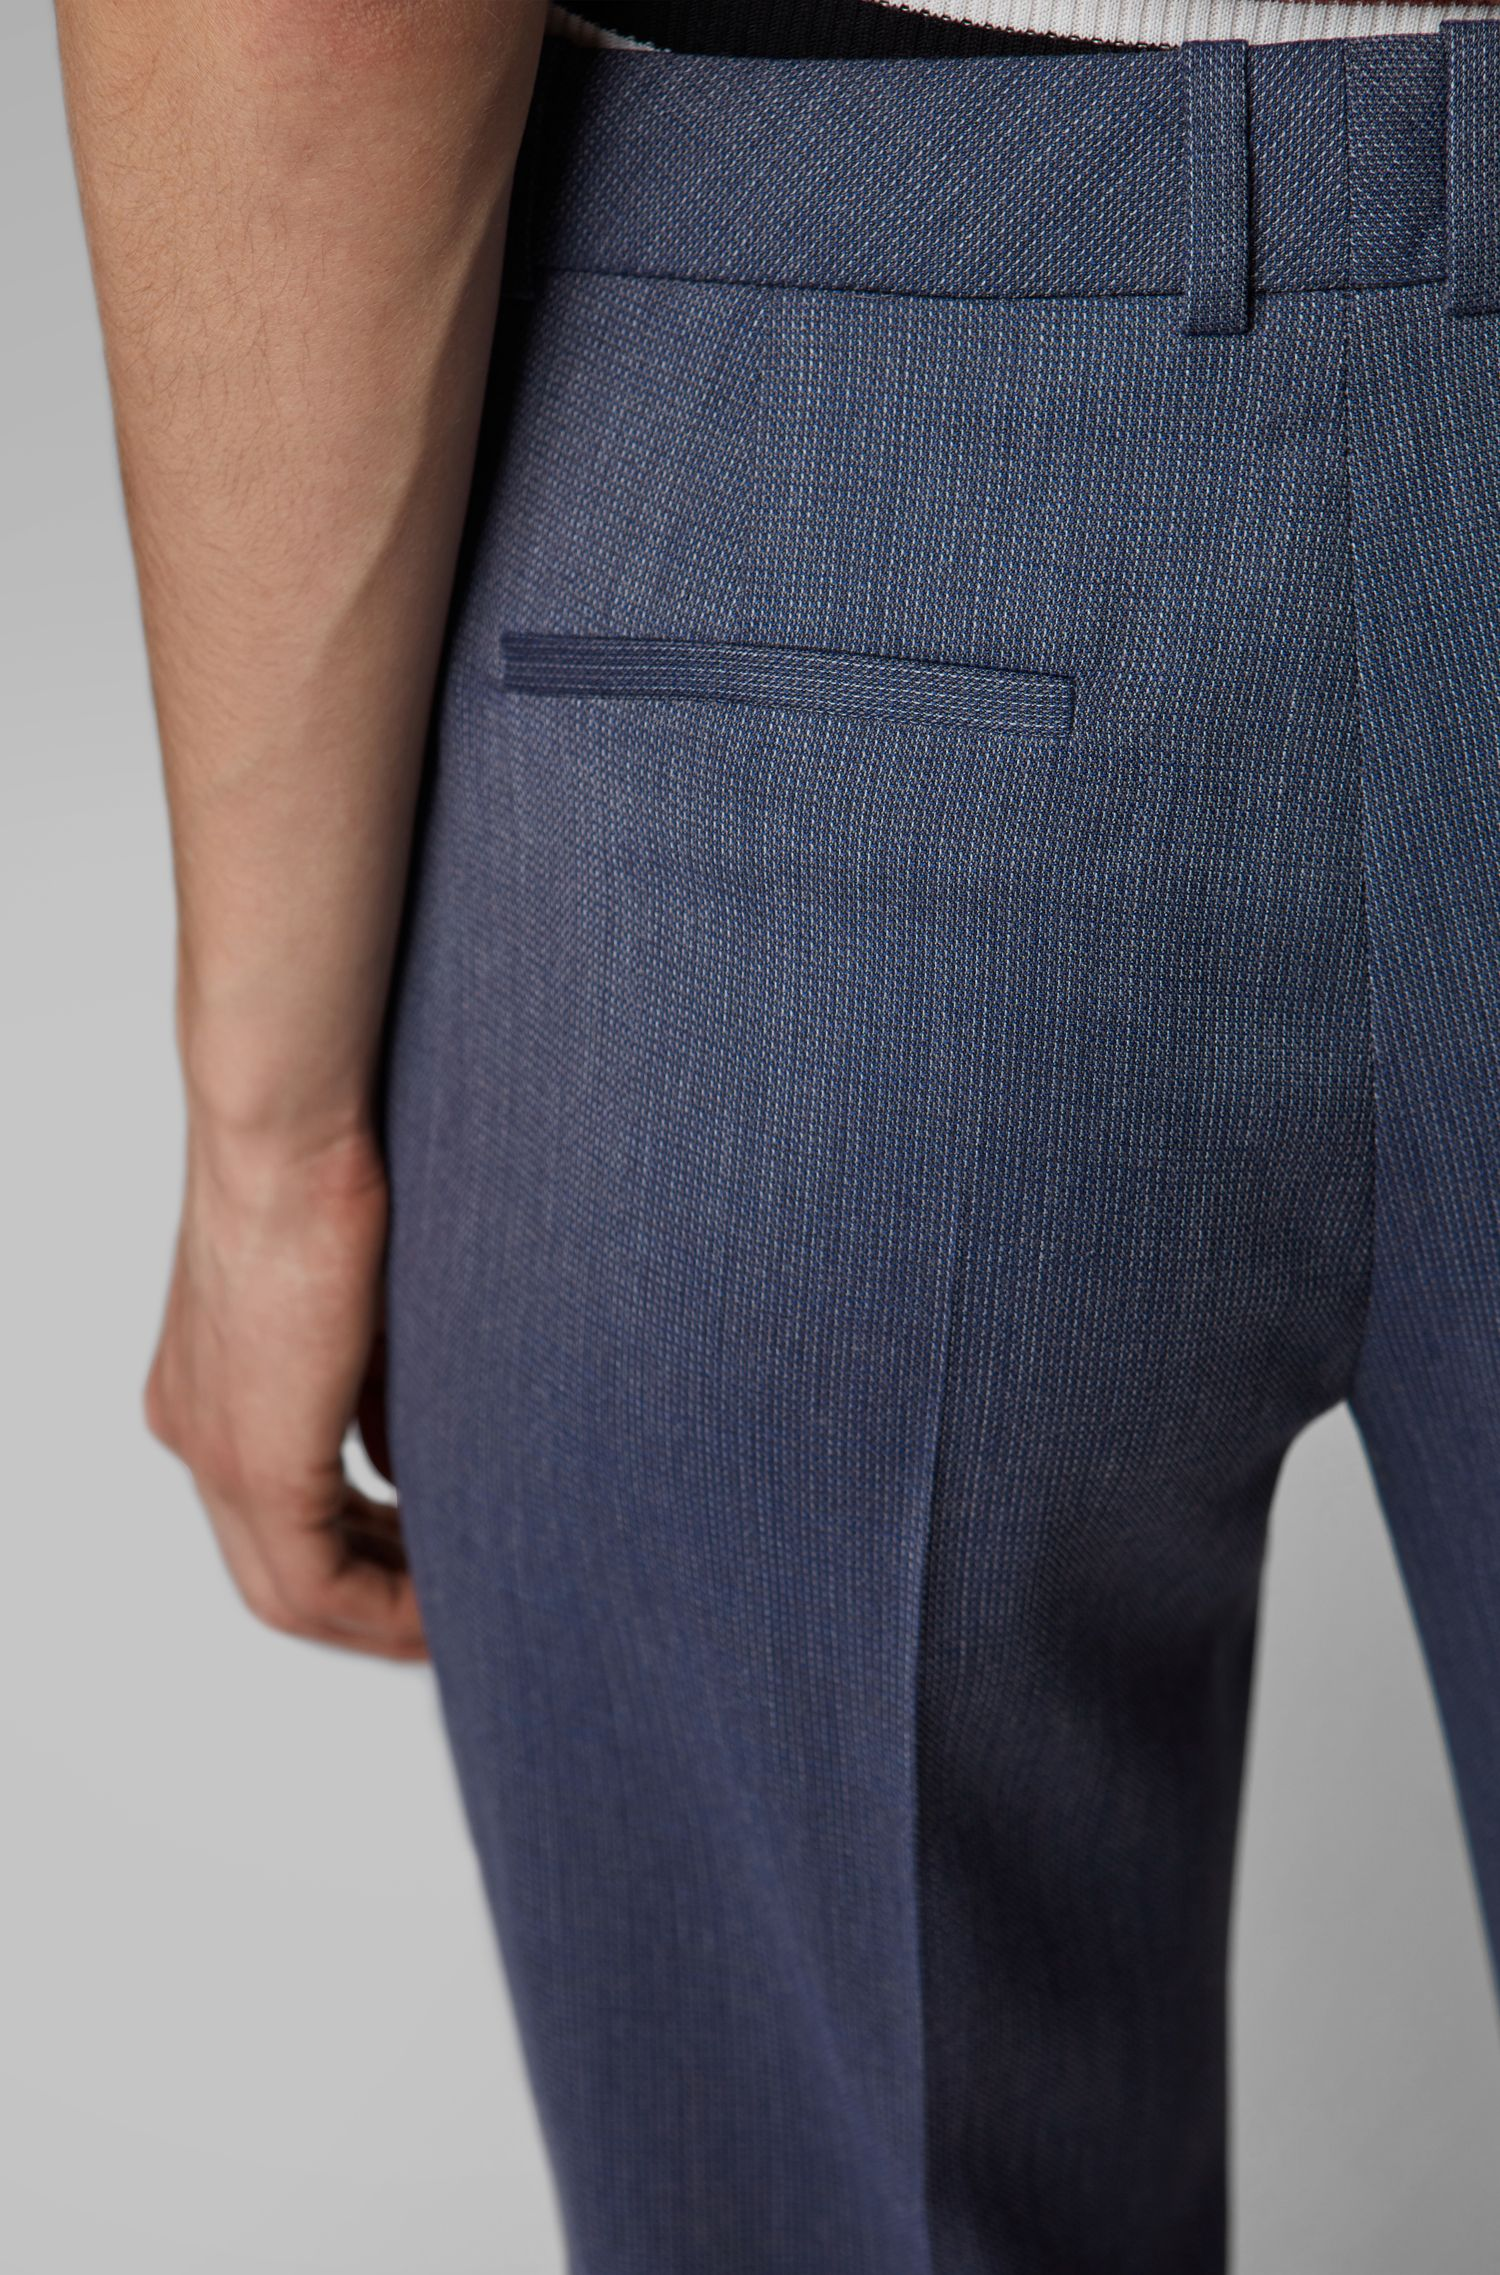 Pantalon Relaxed Fit en laine vierge italienne à micro motif, Fantaisie